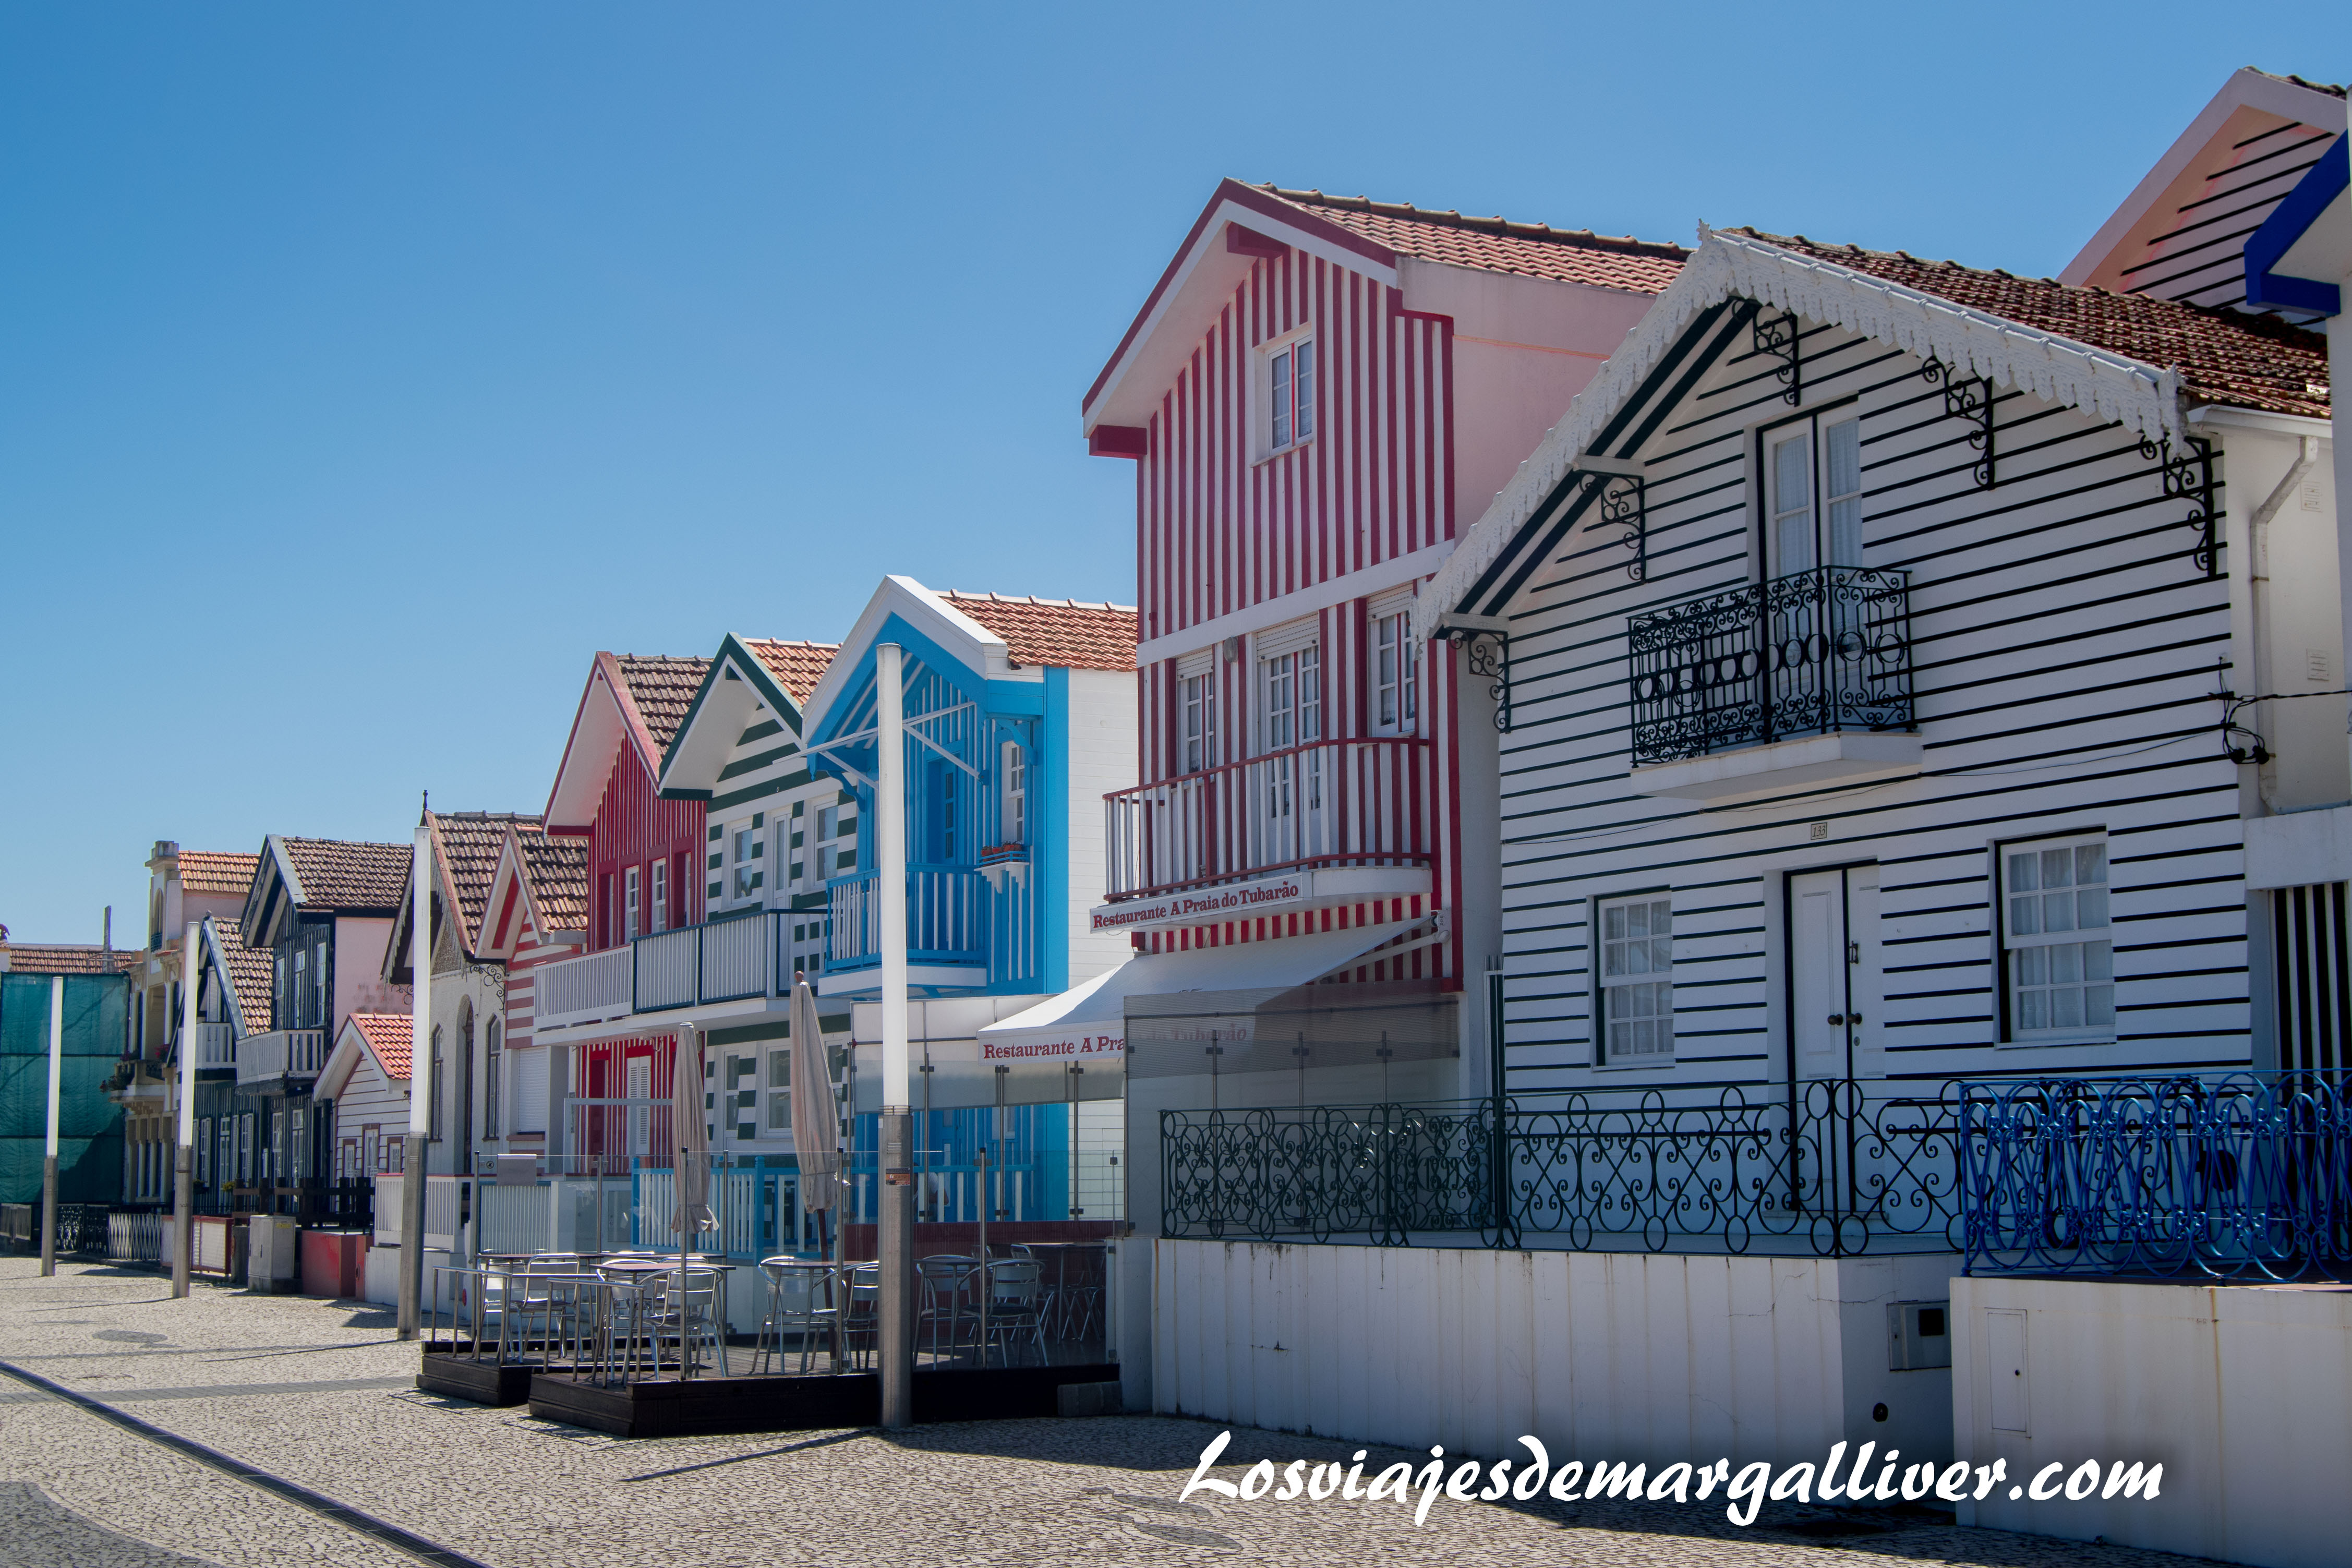 Casitas de colores en Costa Nova - Los viajes de Margalliver